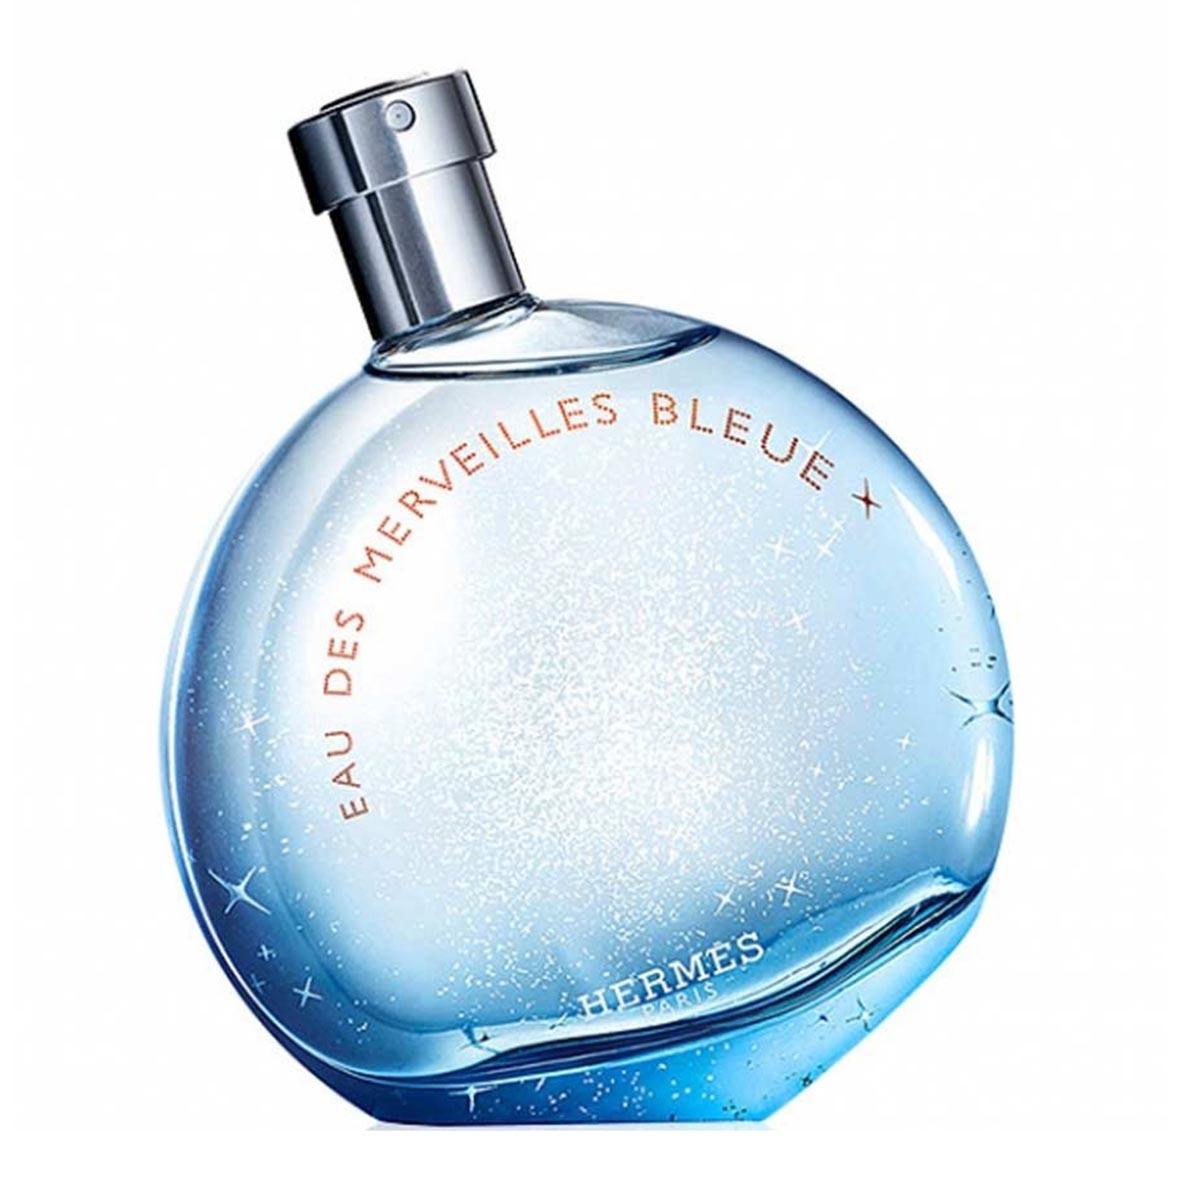 Hermes paris eau des merveilles bleue eau de toilette 50ml vaporizador